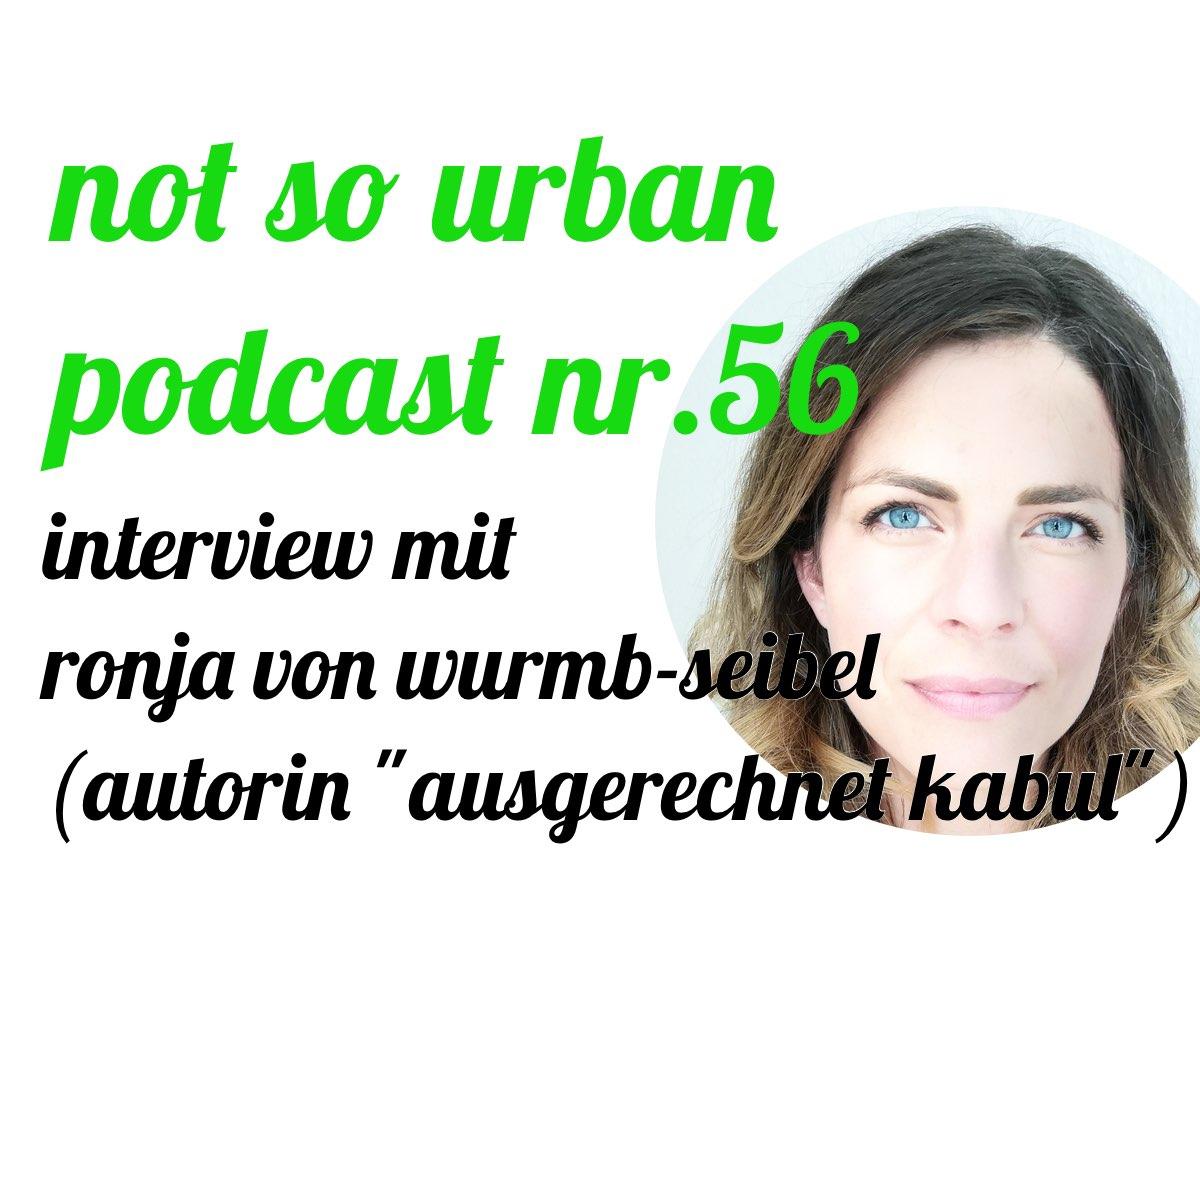 """not so urban Podcast Nr. 56: Interview mit Ronja von Wurmb-Seibel (Autorin """"Ausgerechnet Kabul"""") Interviewer: Andreas Allgeyer"""